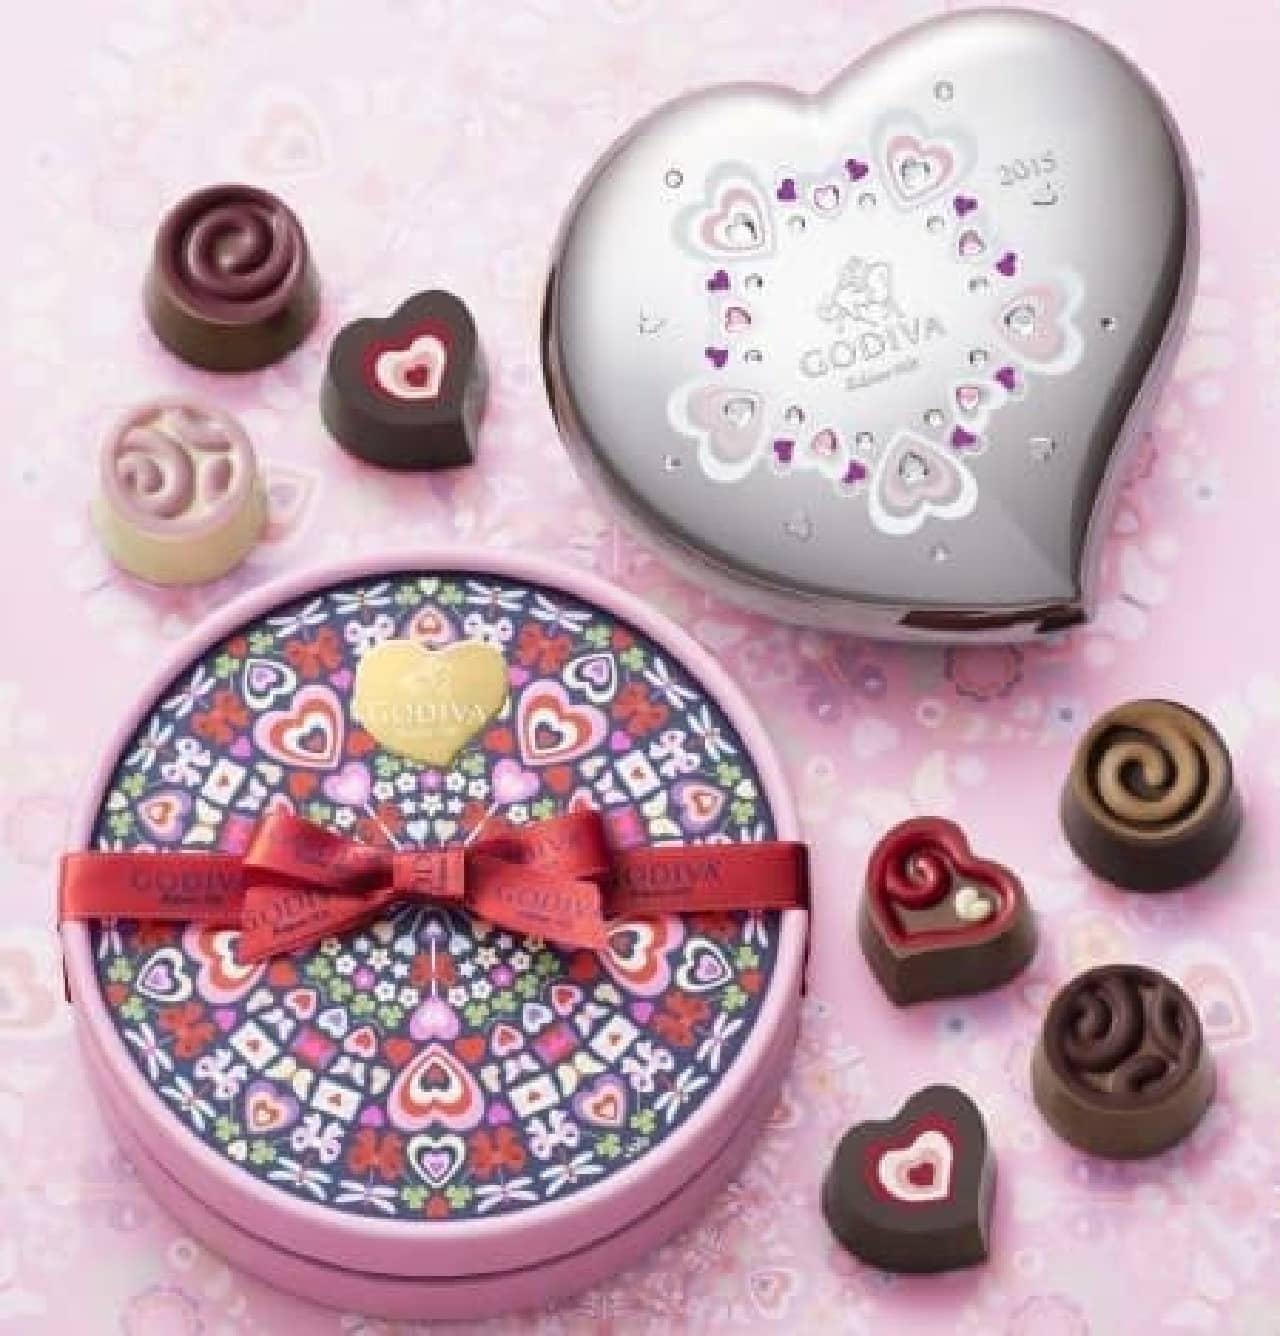 今年もゴディバにバレンタイン限定粒が登場!